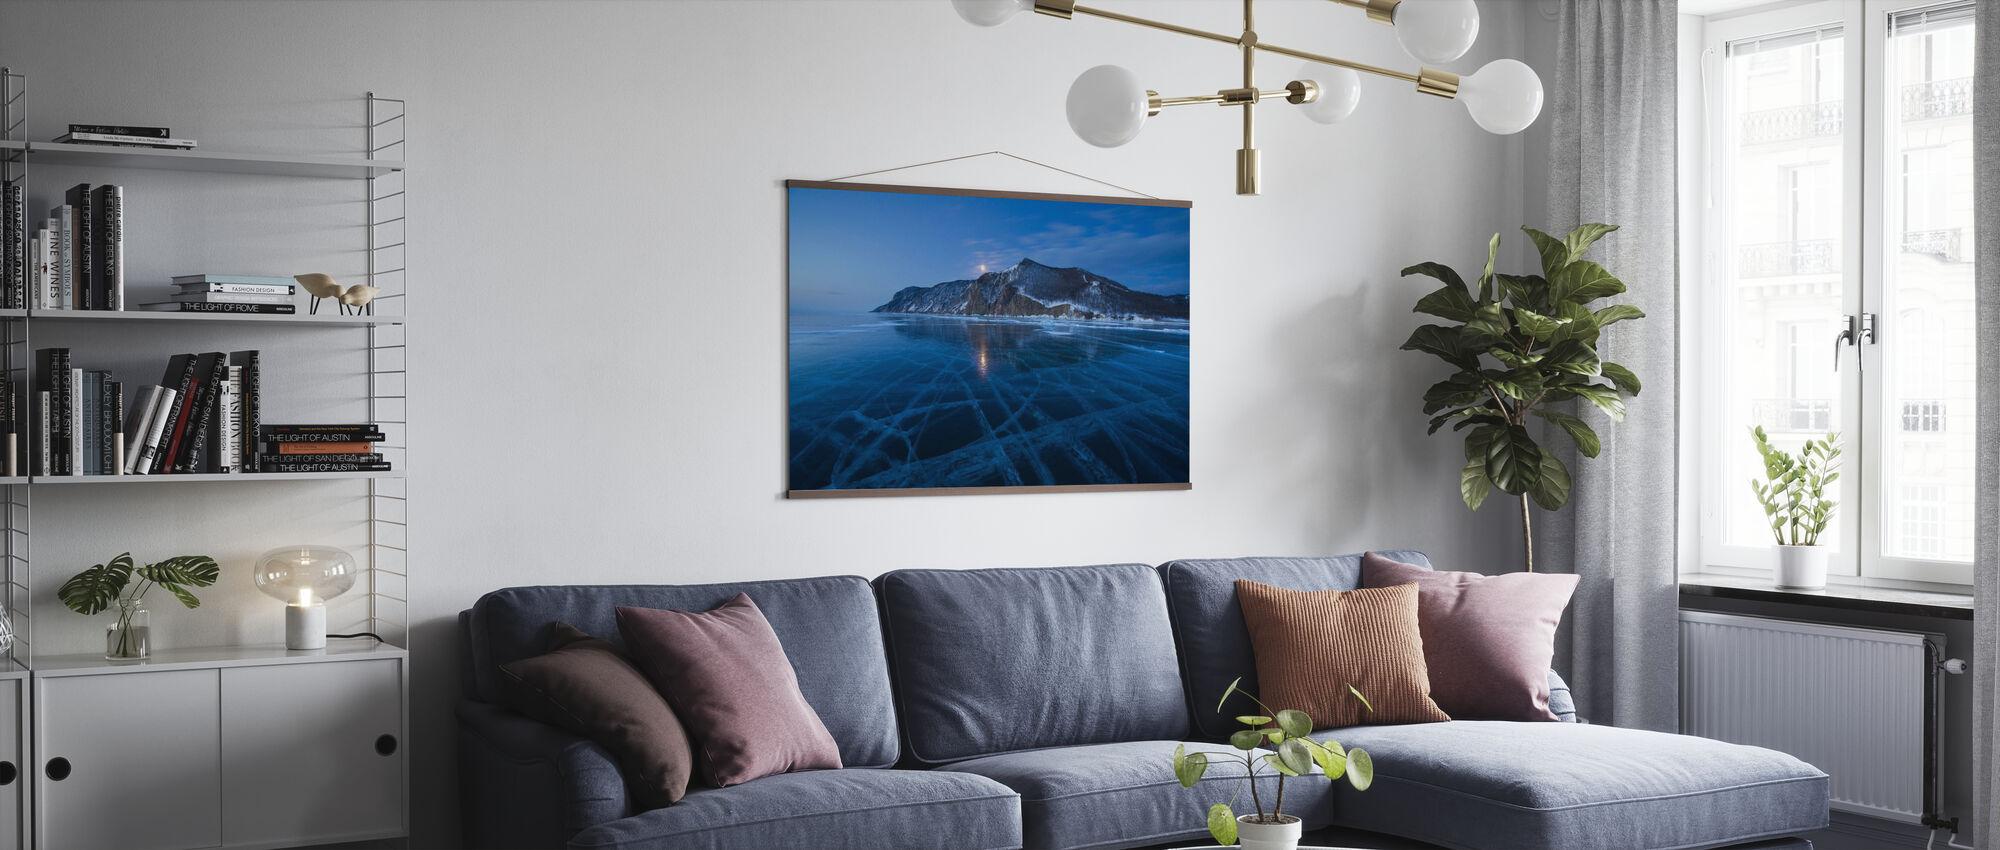 Frozen Lake - Poster - Living Room